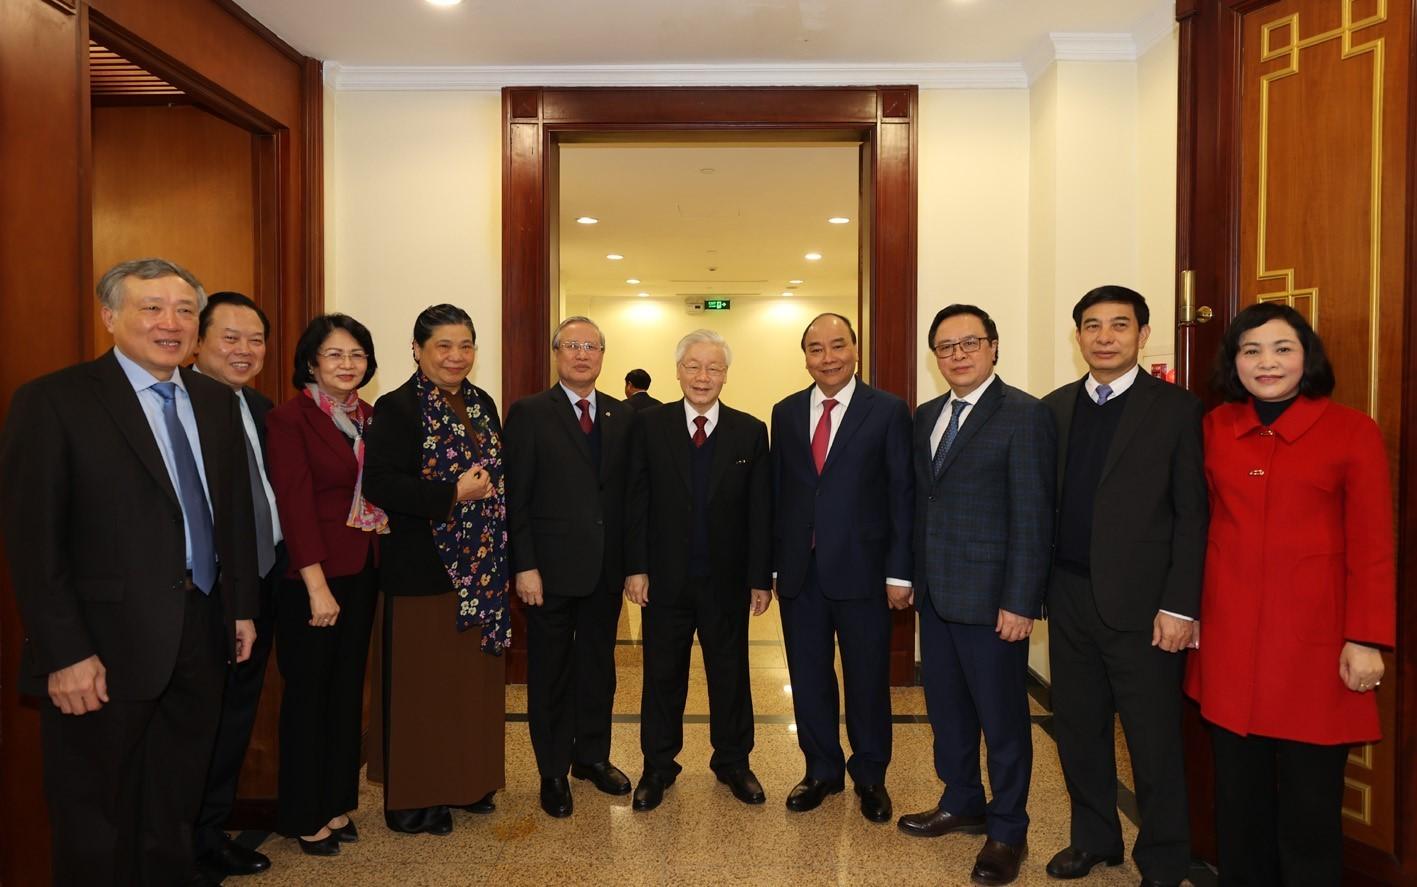 Tổng Bí thư, Chủ tịch nước Nguyễn Phú Trọng và Thủ tướng Nguyễn Xuân Phúc với các đại biểu dự bế mạc Hội nghị Ban chấp hành Trung ương Đảng lần thứ 15. (Ảnh: Trí Dũng/TTXVN)